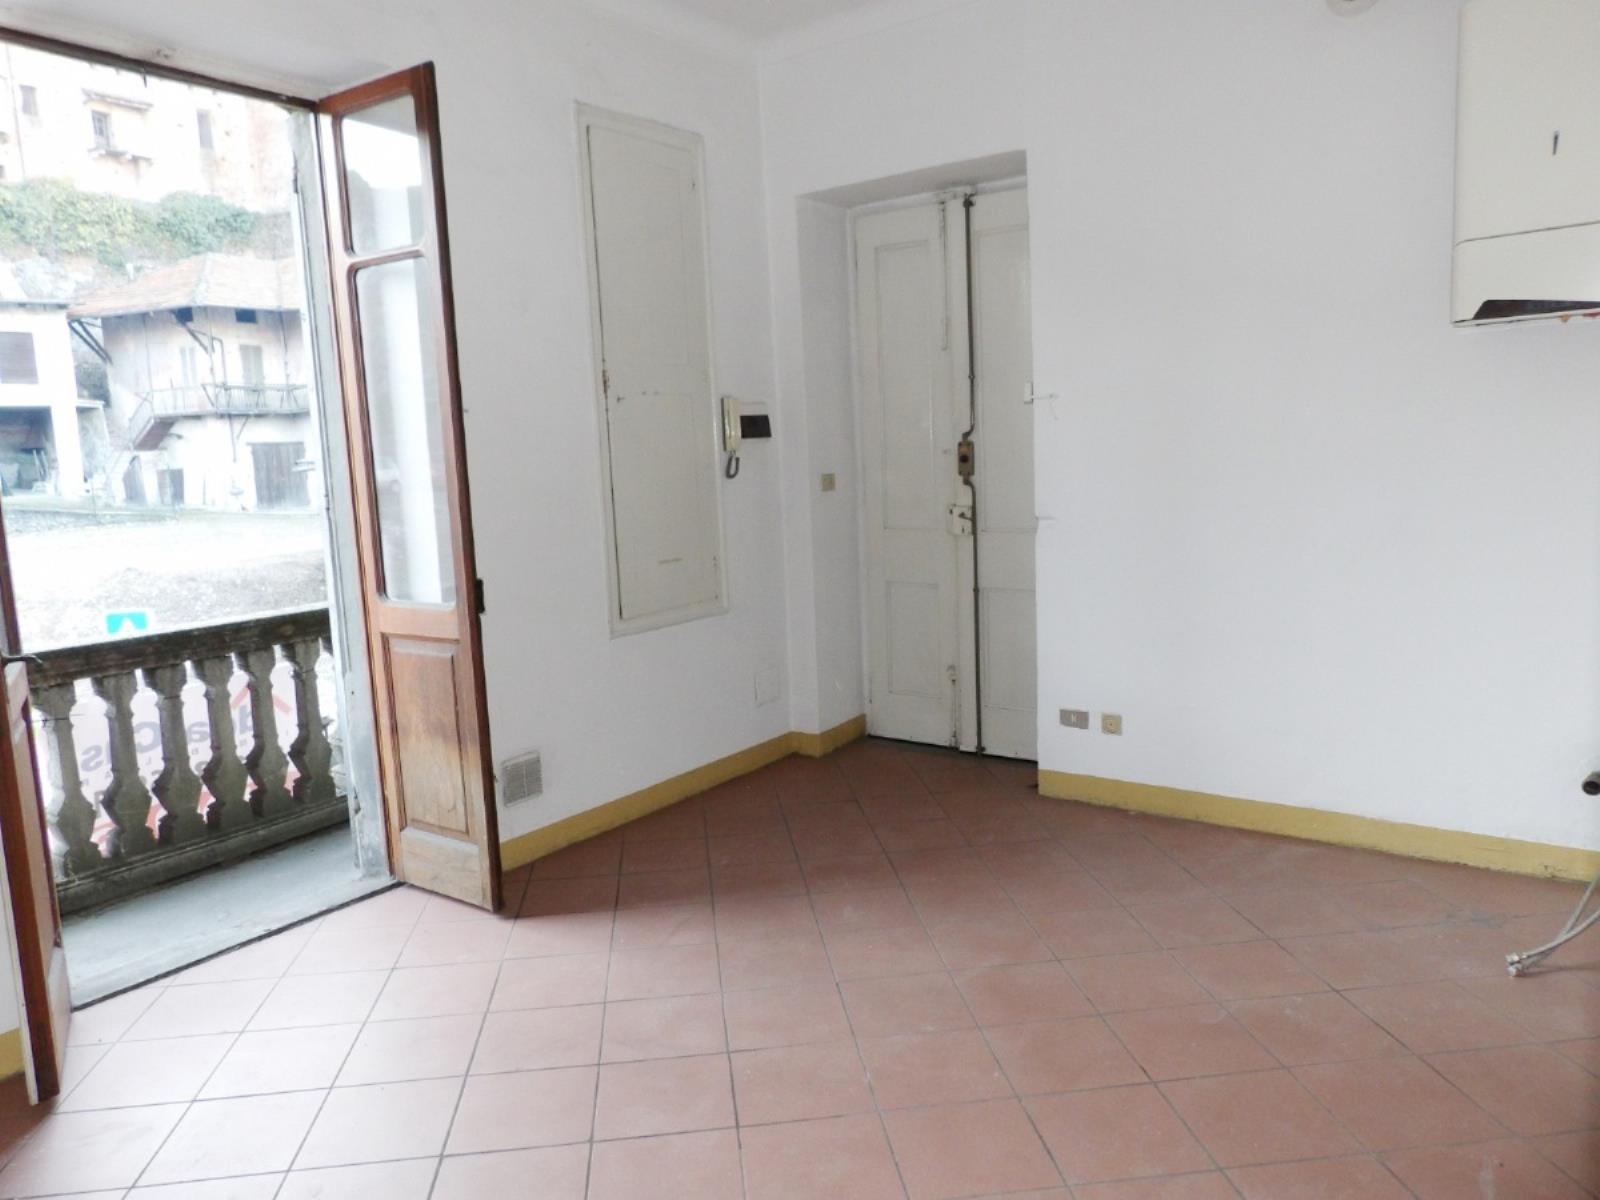 Vendita appartamento di 114 m2 ivrea to studio idea casa for Metraggio di appartamento studio